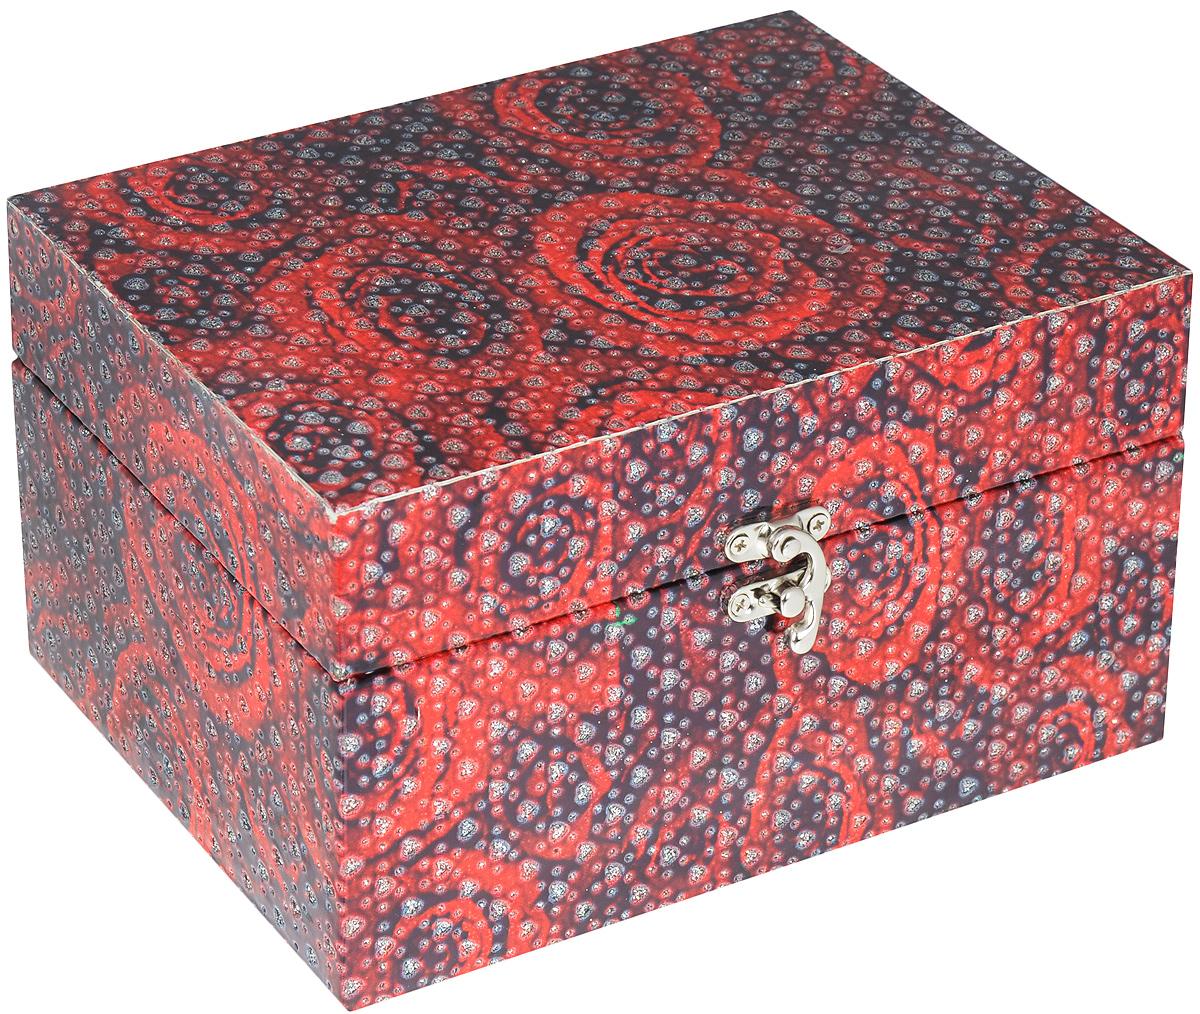 Шкатулка декоративная Bestex Розы, 22 x 15 x 12 смYQ16245Шкатулка декоративная Bestex Розы, 22 x 15 x 12 см